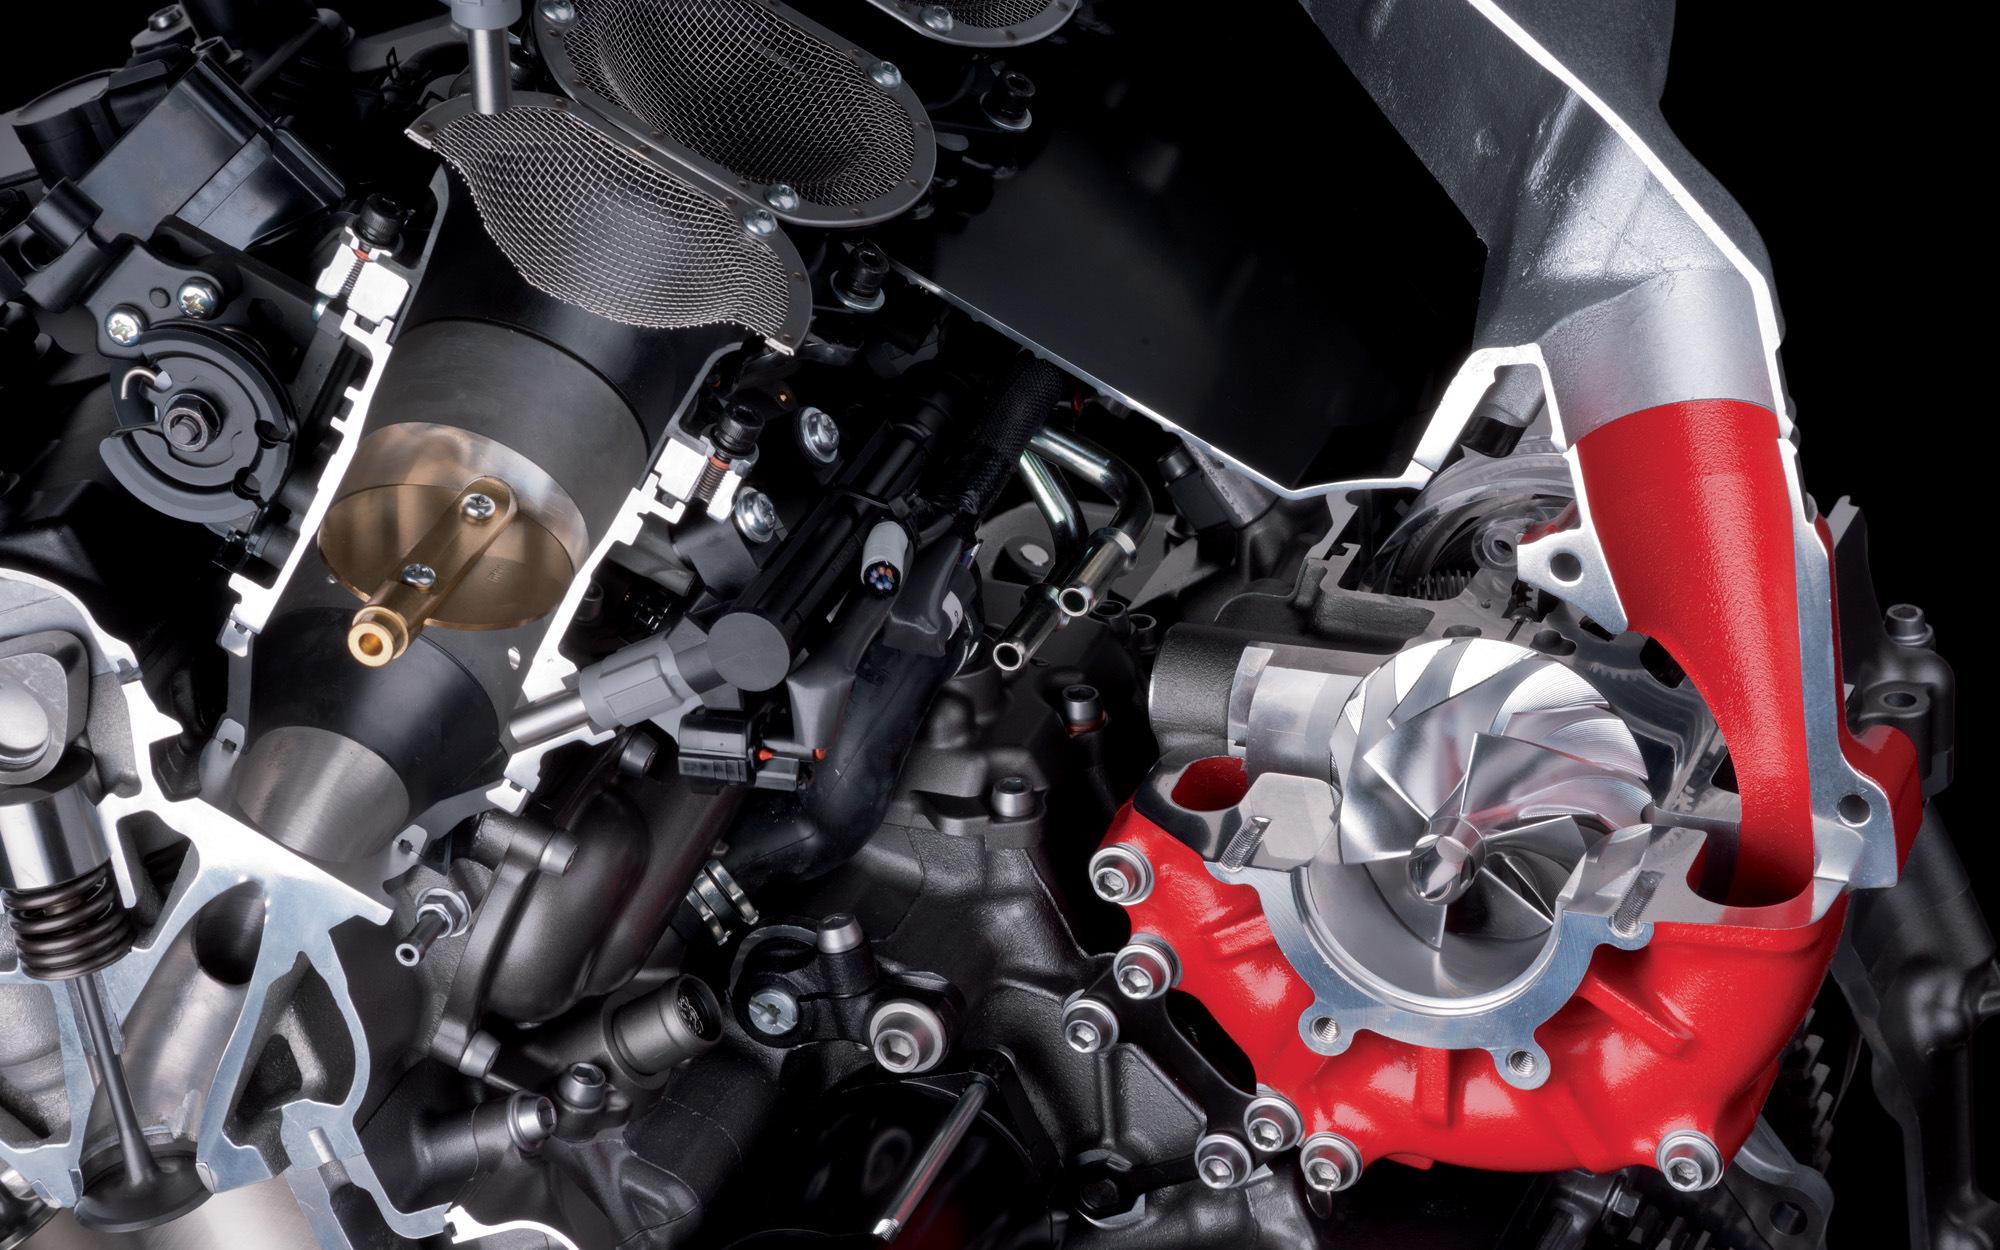 engine kawasaki h2r